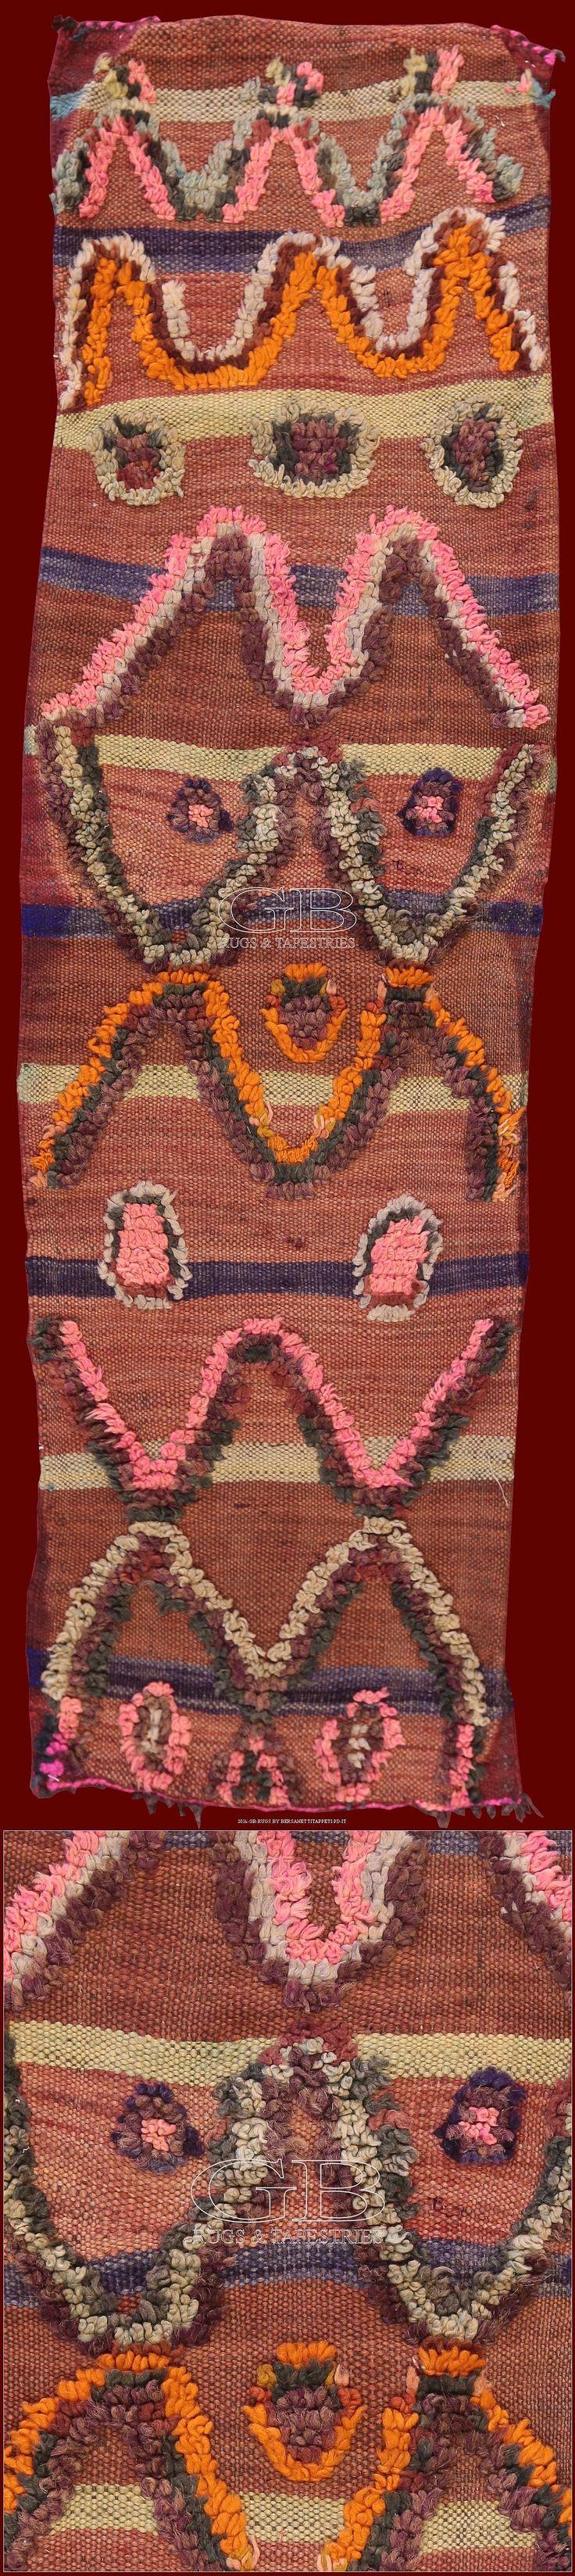 Tappeto Berbero Talsentcm 144 x 41ft 4'7 x 1'3